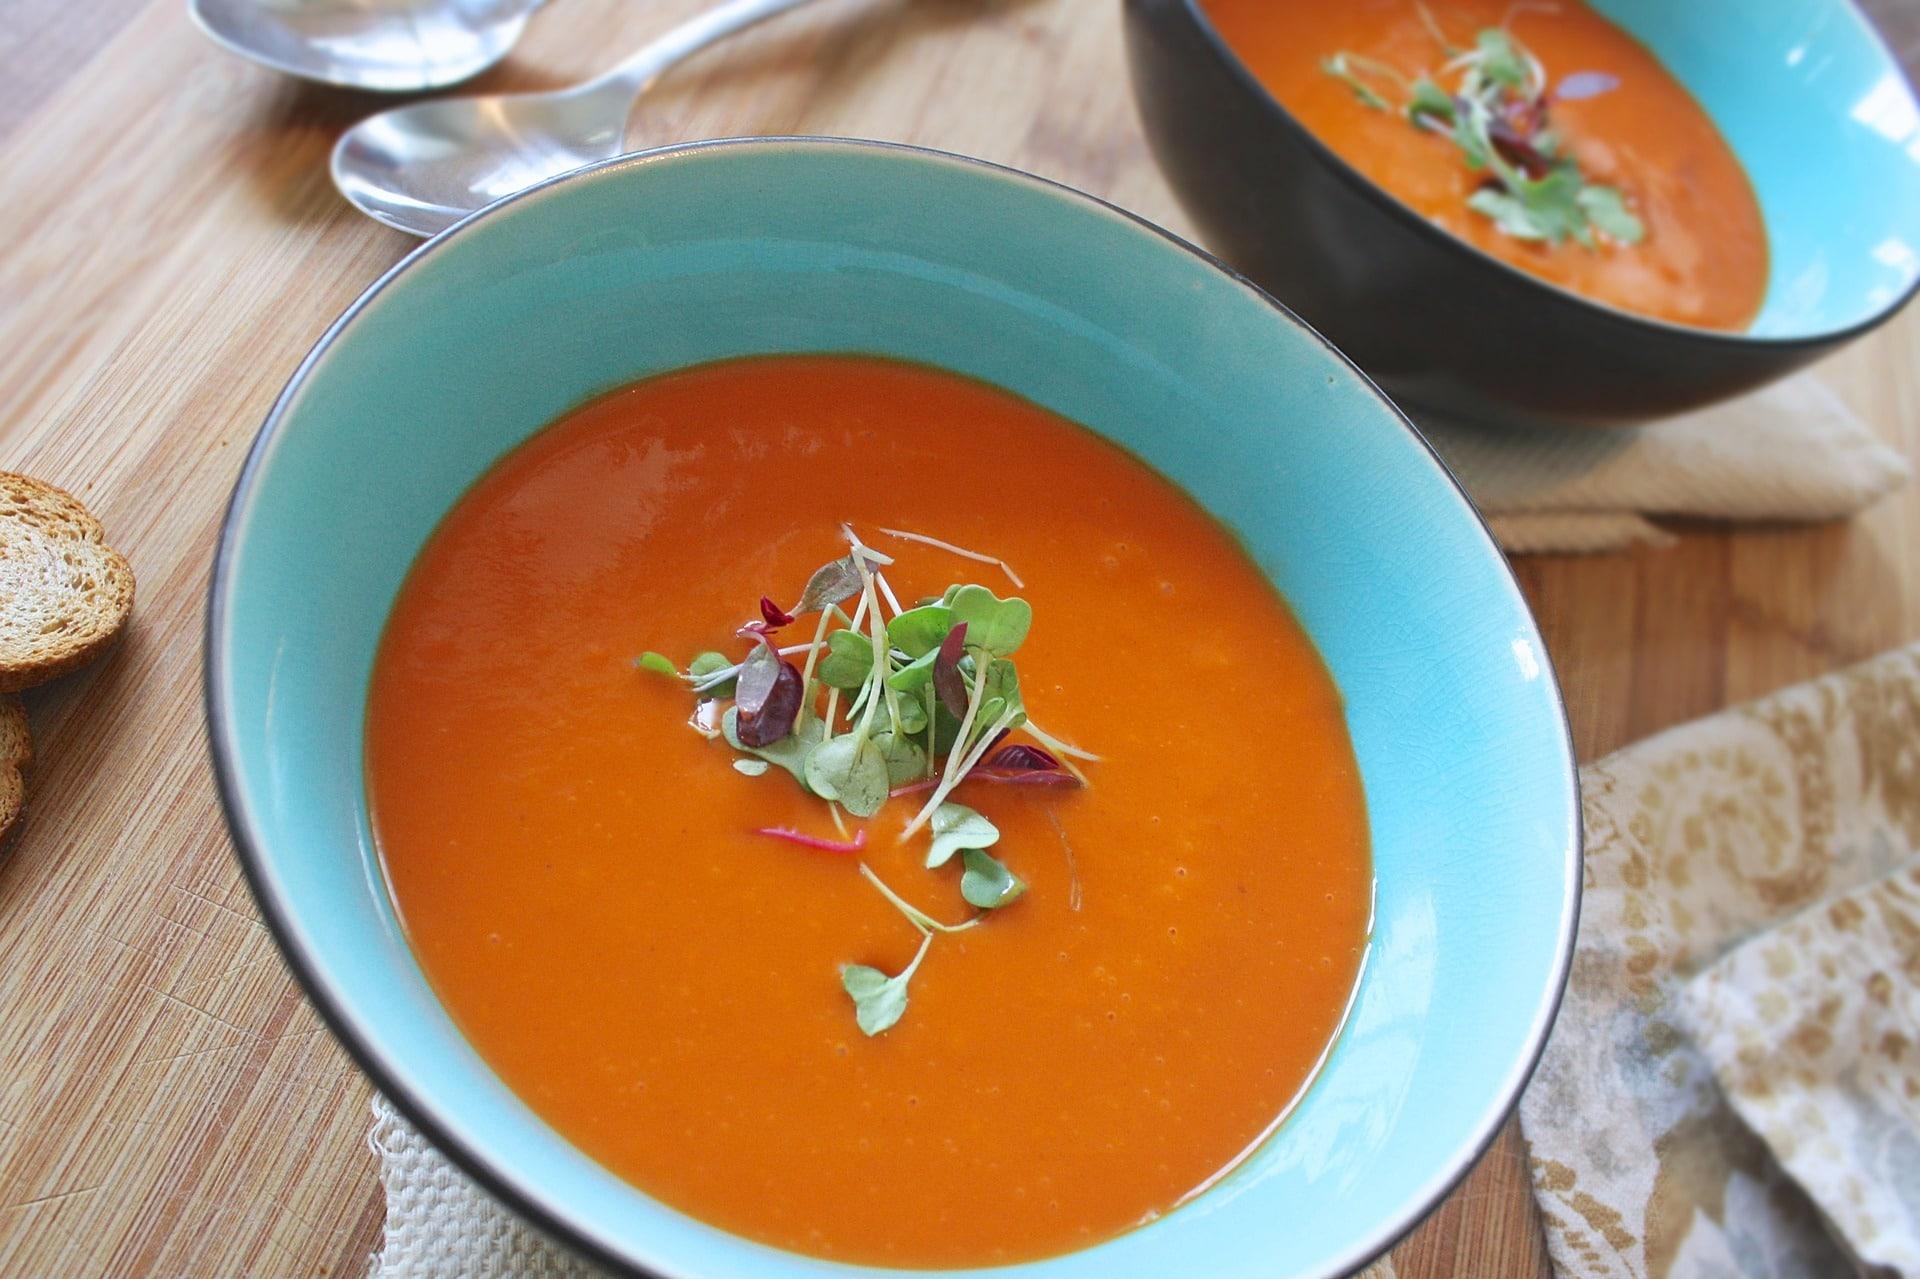 Zeleninová polévka obsahuje jen minimum kalorií / foto: pixabay.com